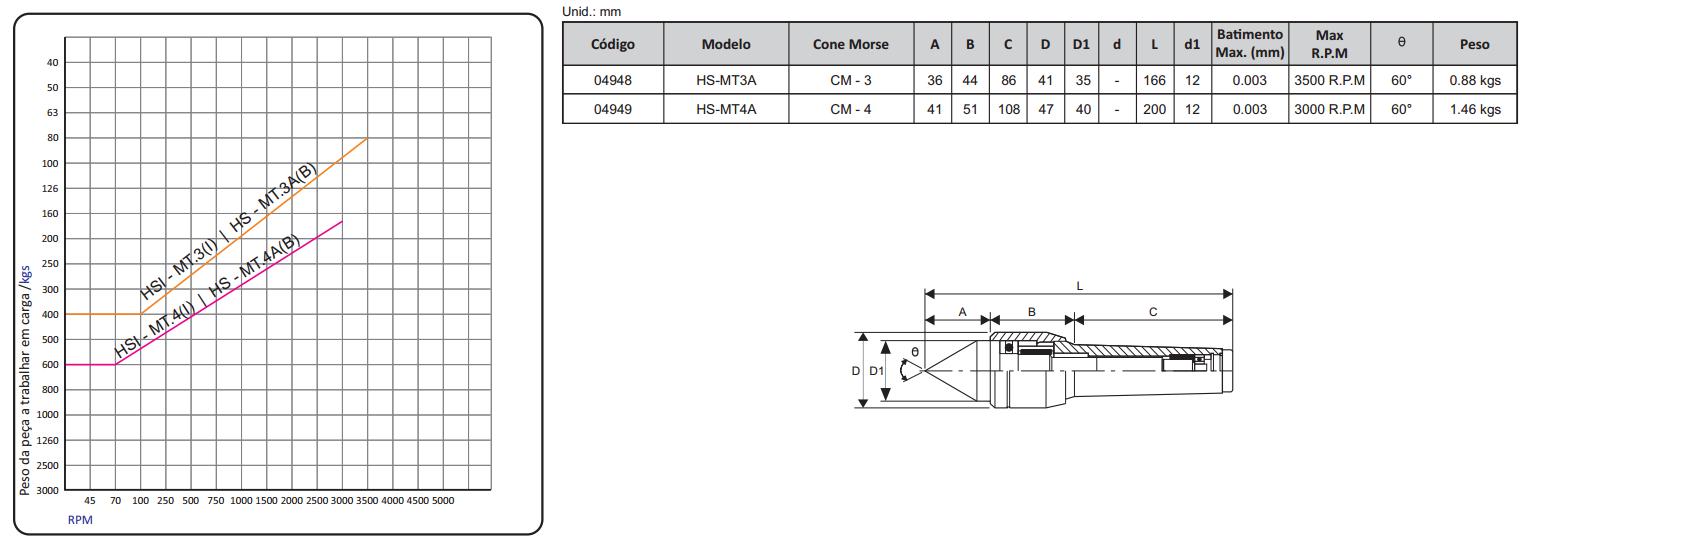 Ponto Rotativo Compact Modelo A